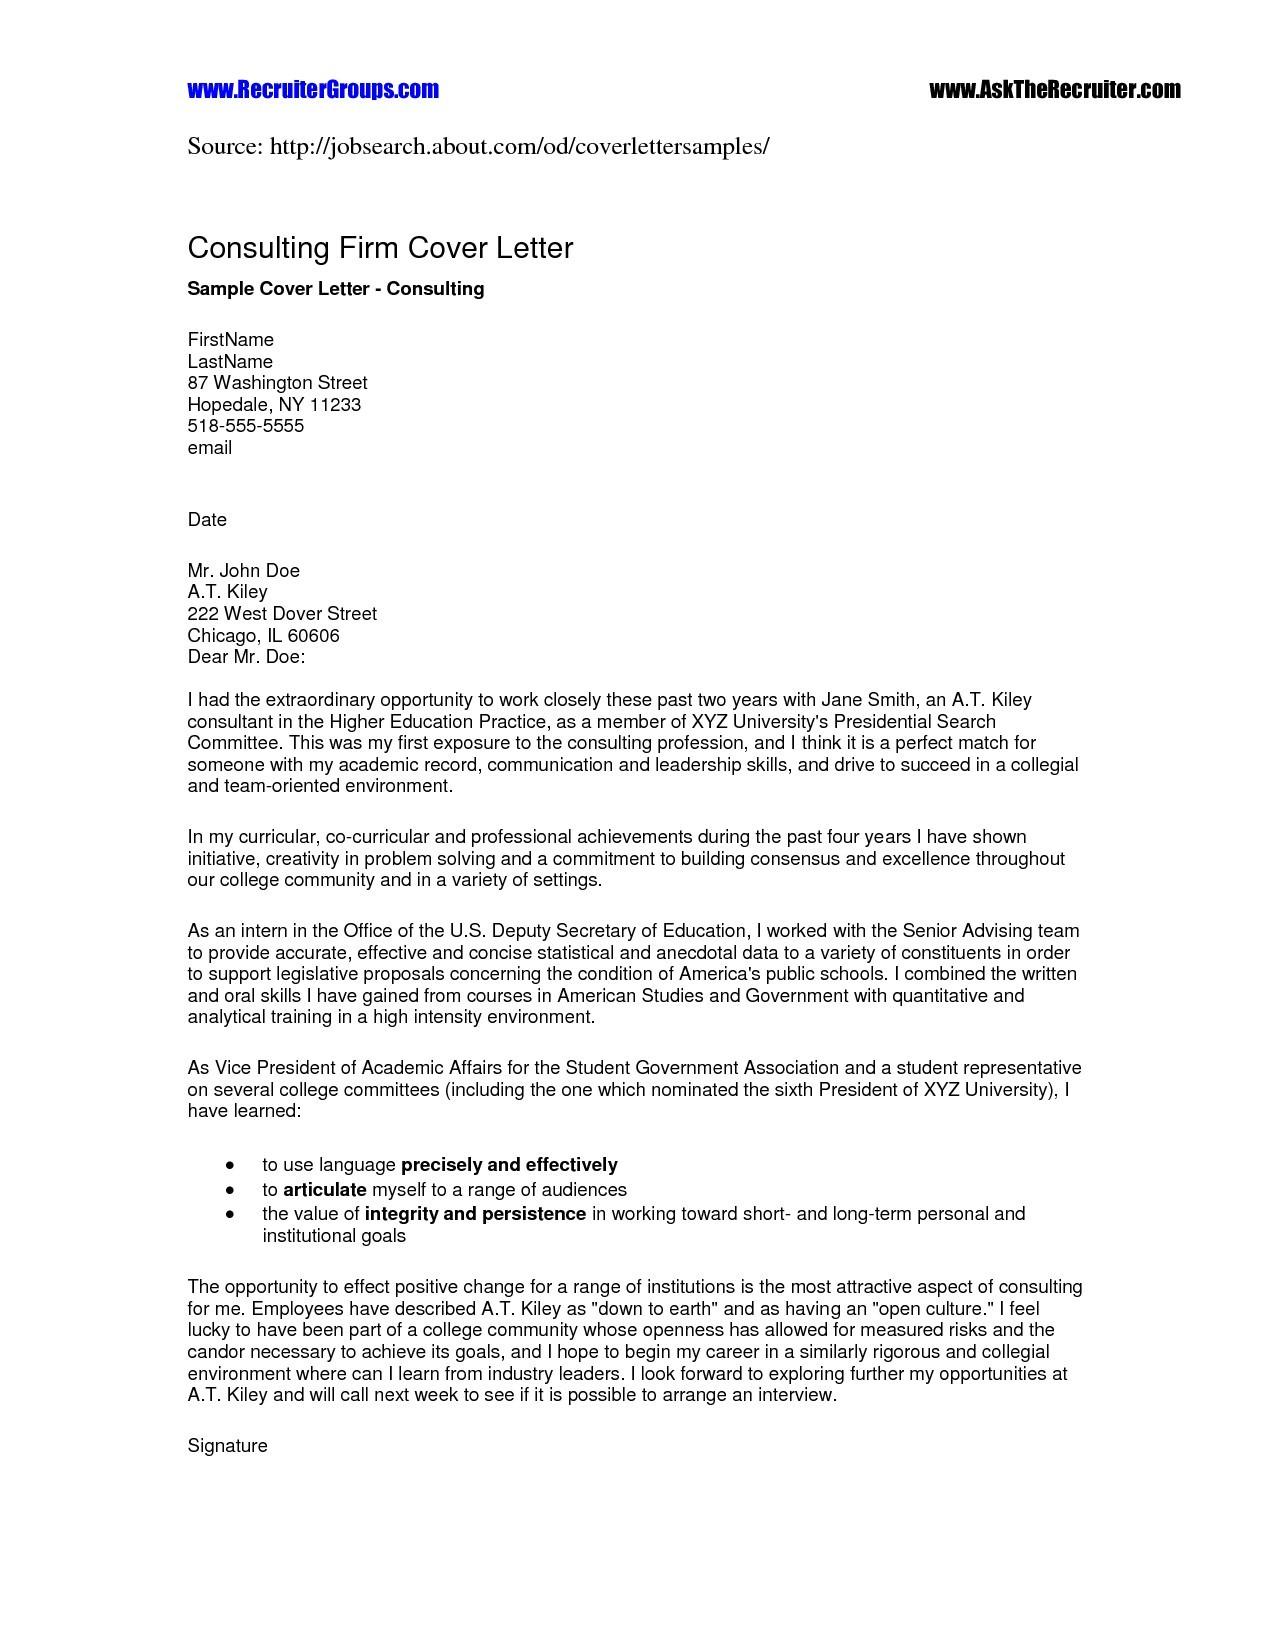 Job Letter fer Template Samples